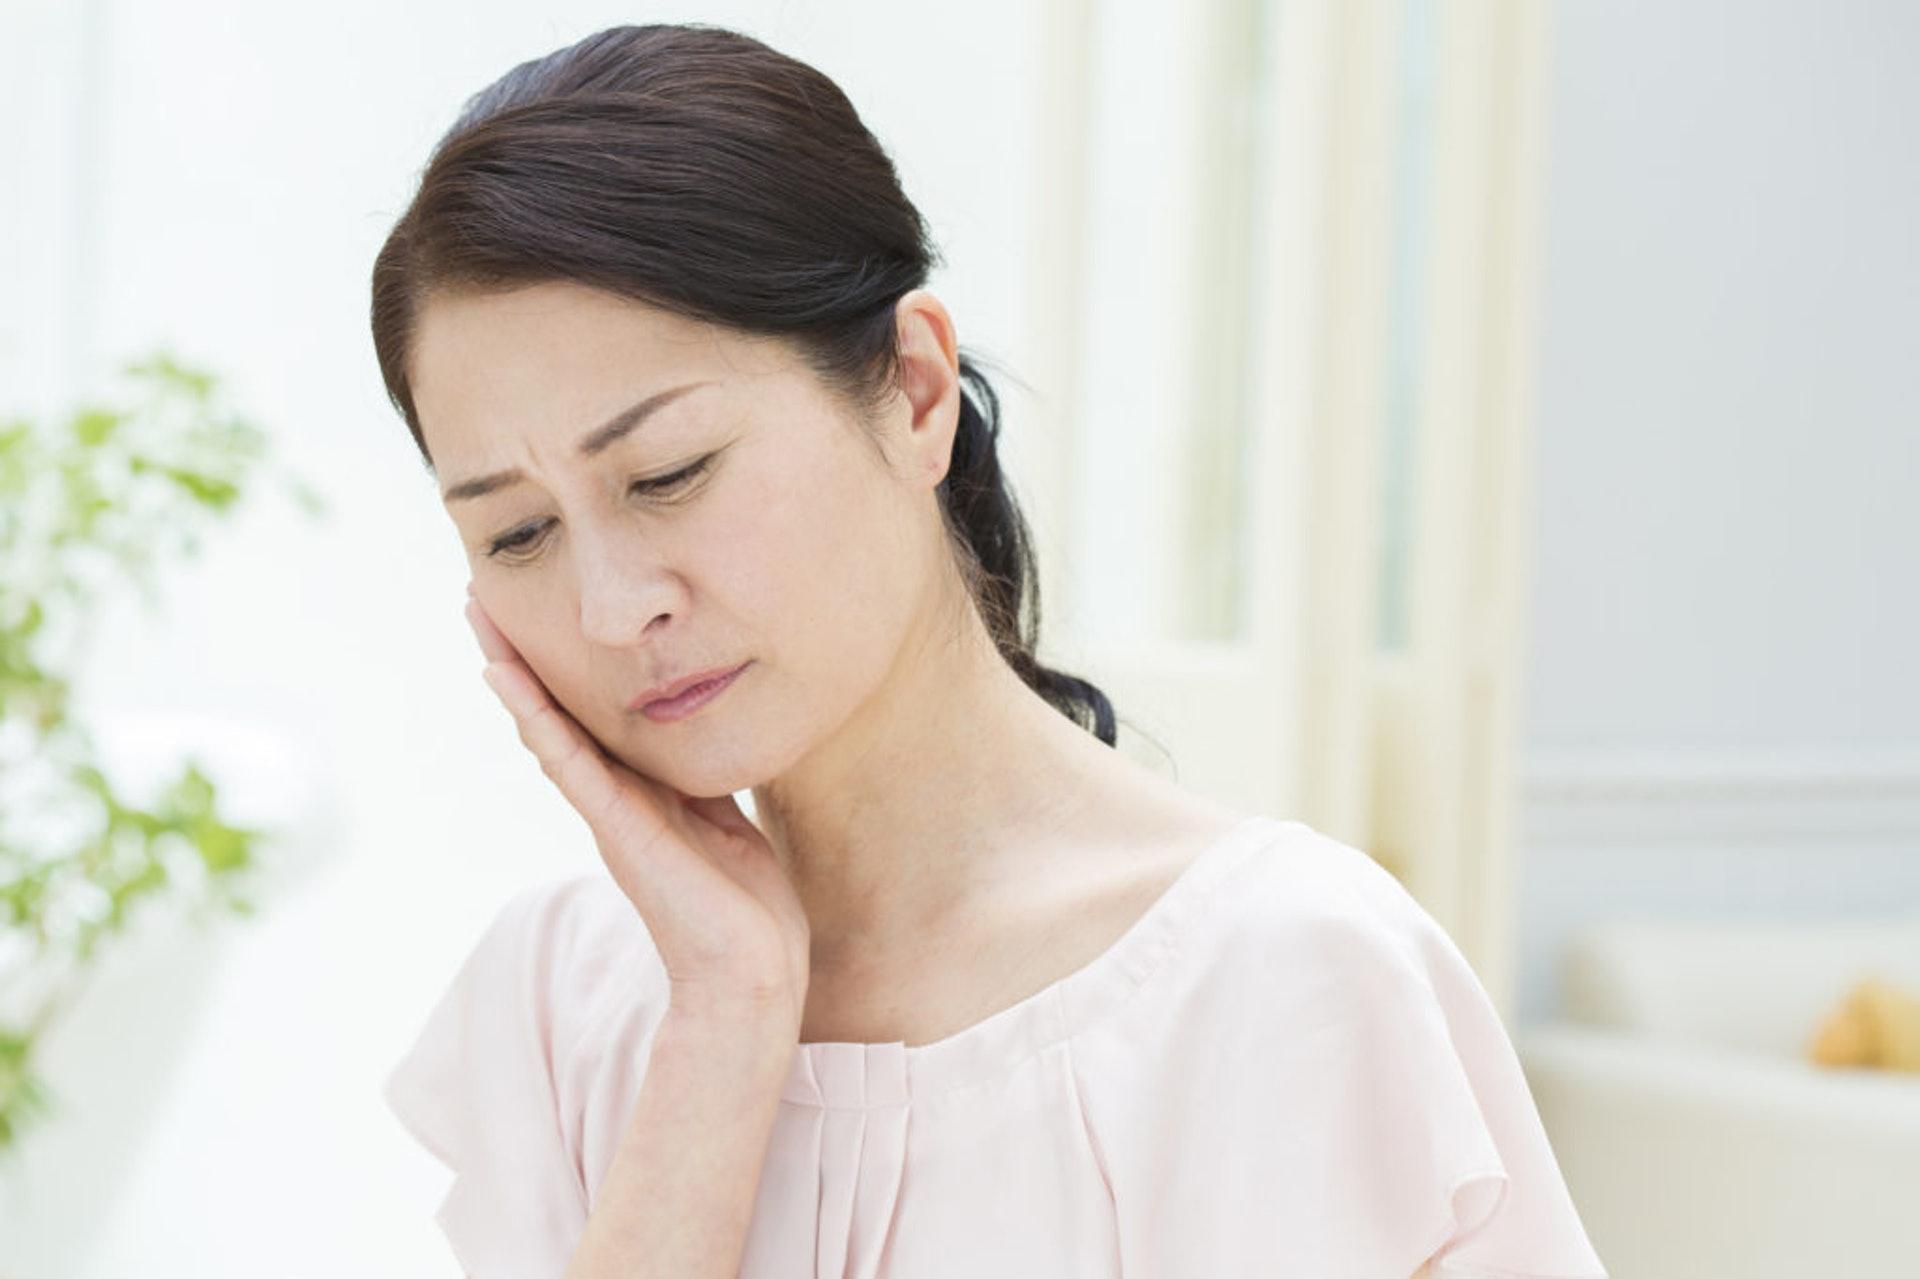 女士更年期的常見徵狀有潮熱、心悸、盜汗、失眠、心煩氣燥等,中醫統稱為「絕經前後諸症」。(圖片:vitabox.tw)